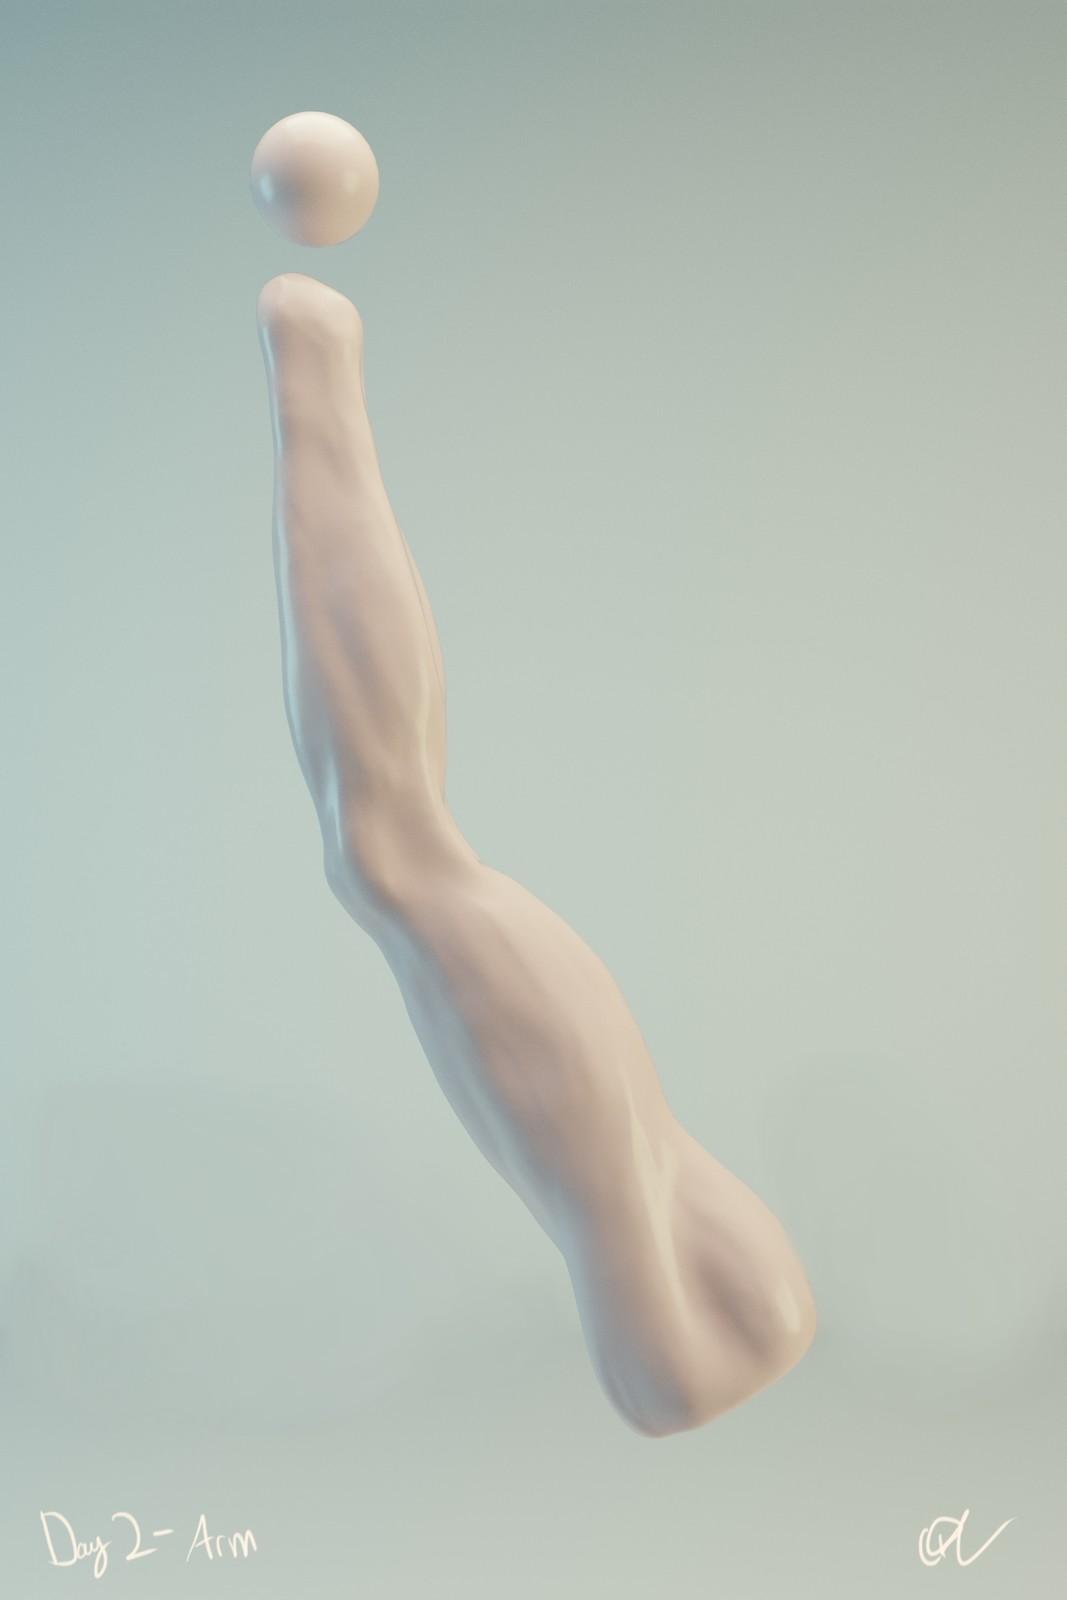 #SculptJanuary Day 2 - Arm